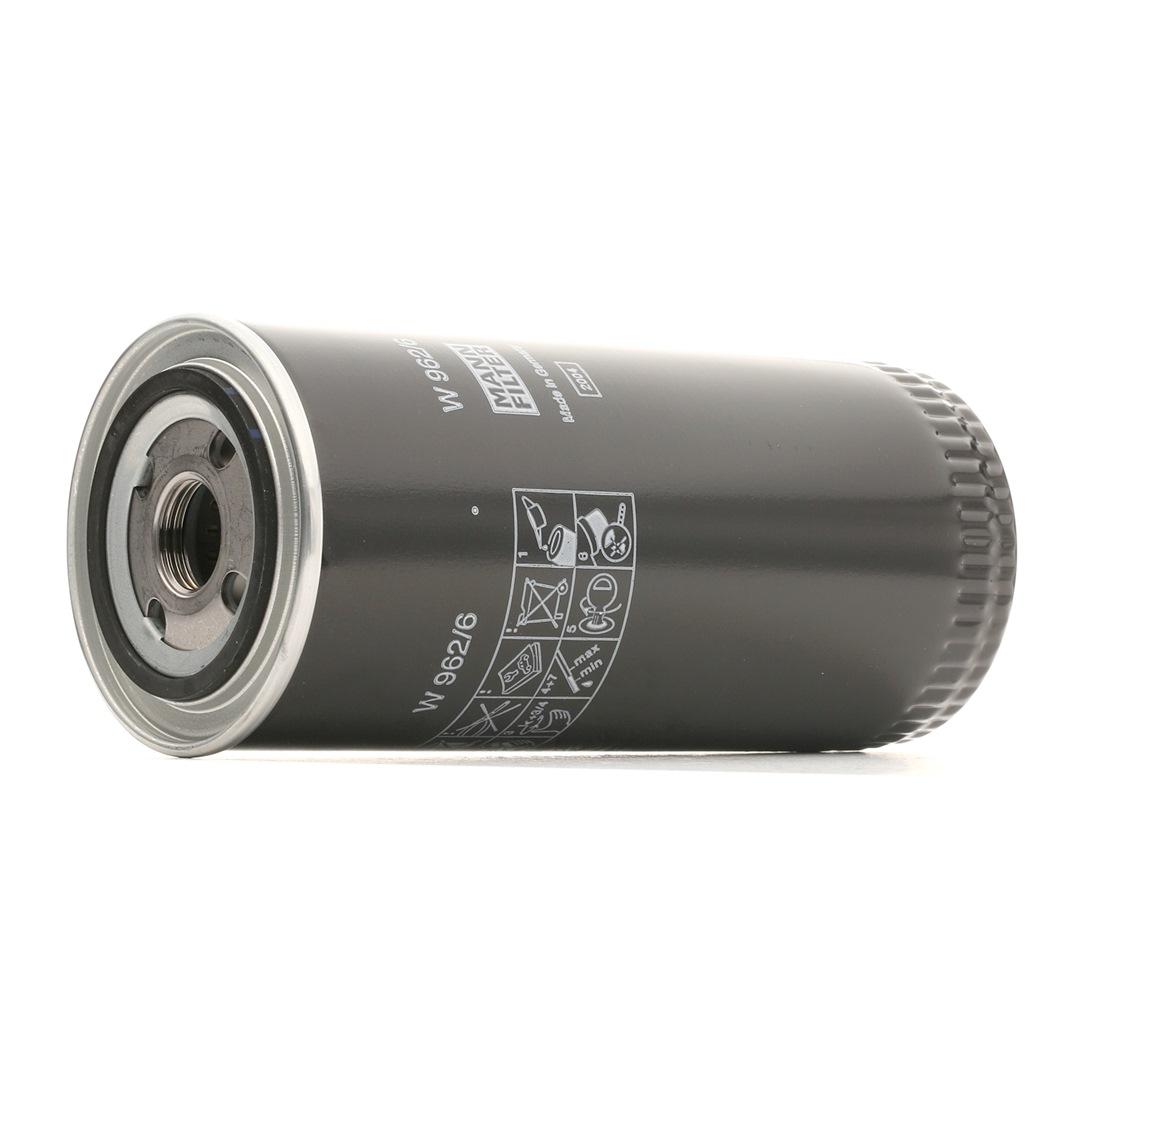 AUDI 80 1992 Motorölfilter - Original MANN-FILTER W 962/6 Innendurchmesser 2: 62mm, Innendurchmesser 2: 62mm, Ø: 93mm, Außendurchmesser 2: 71mm, Höhe: 223mm